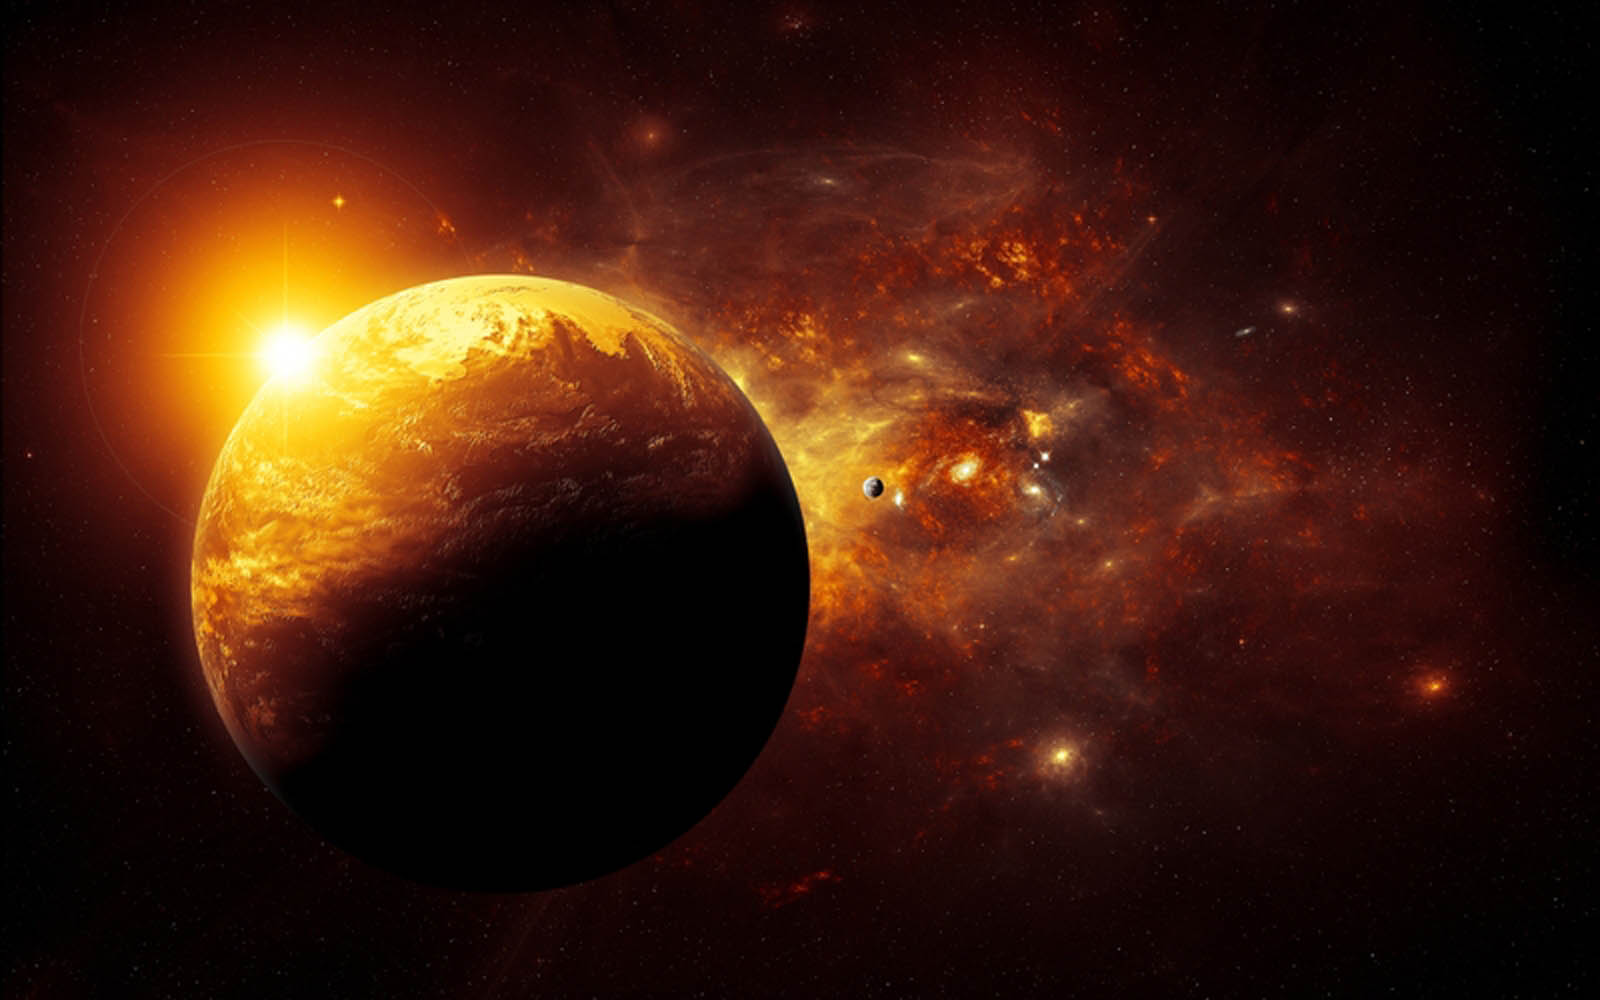 wallpaper: Solar System Wallpapers